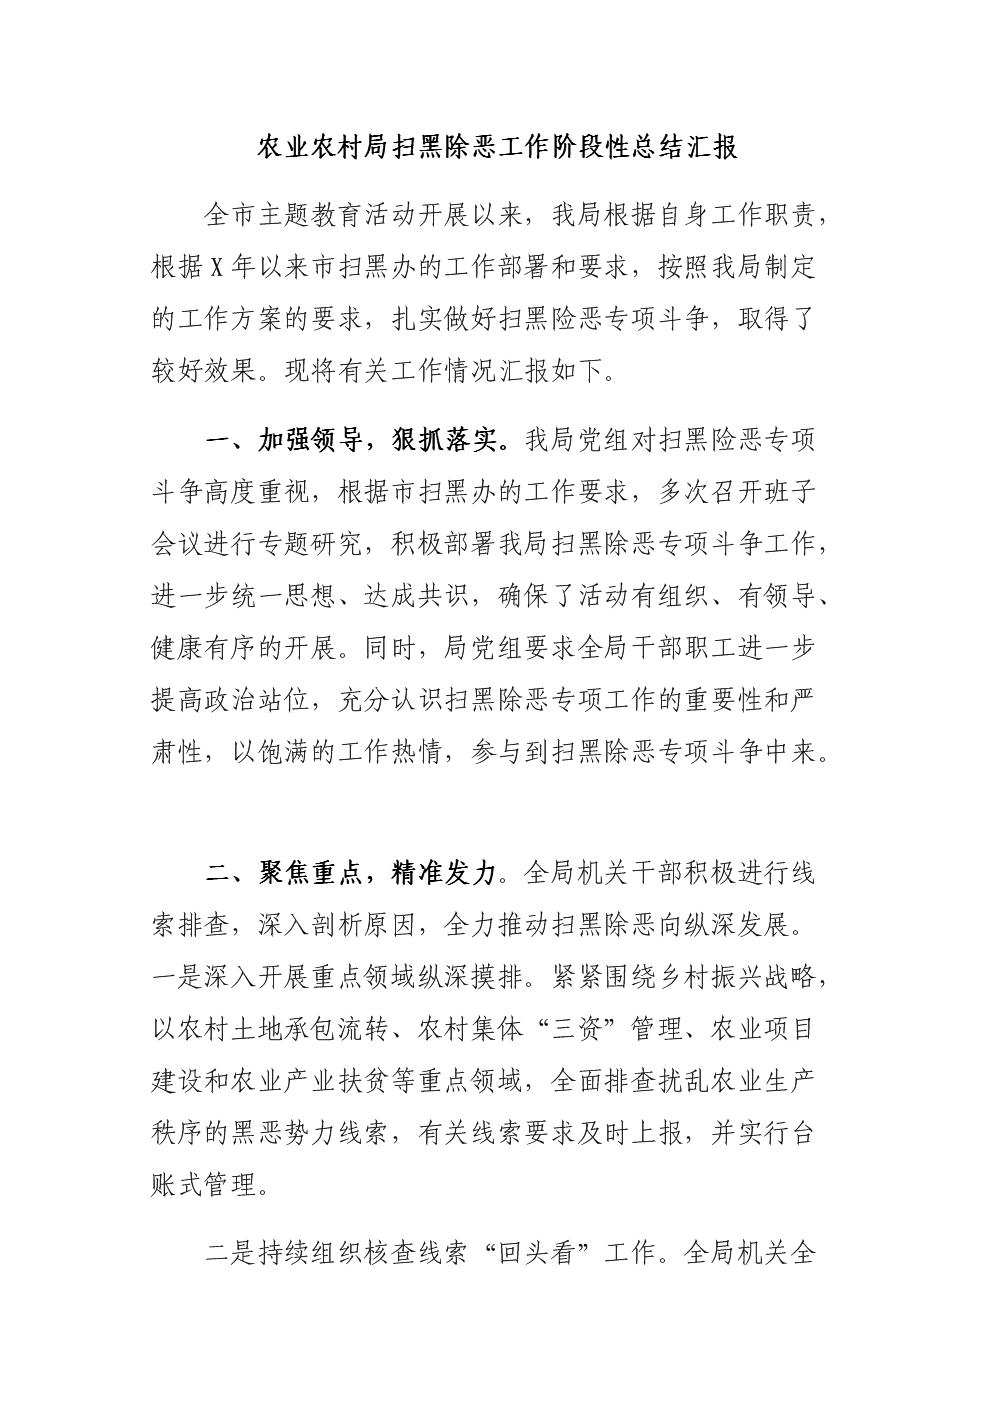 农业农村局扫黑除恶工作阶段性总结汇报.docx